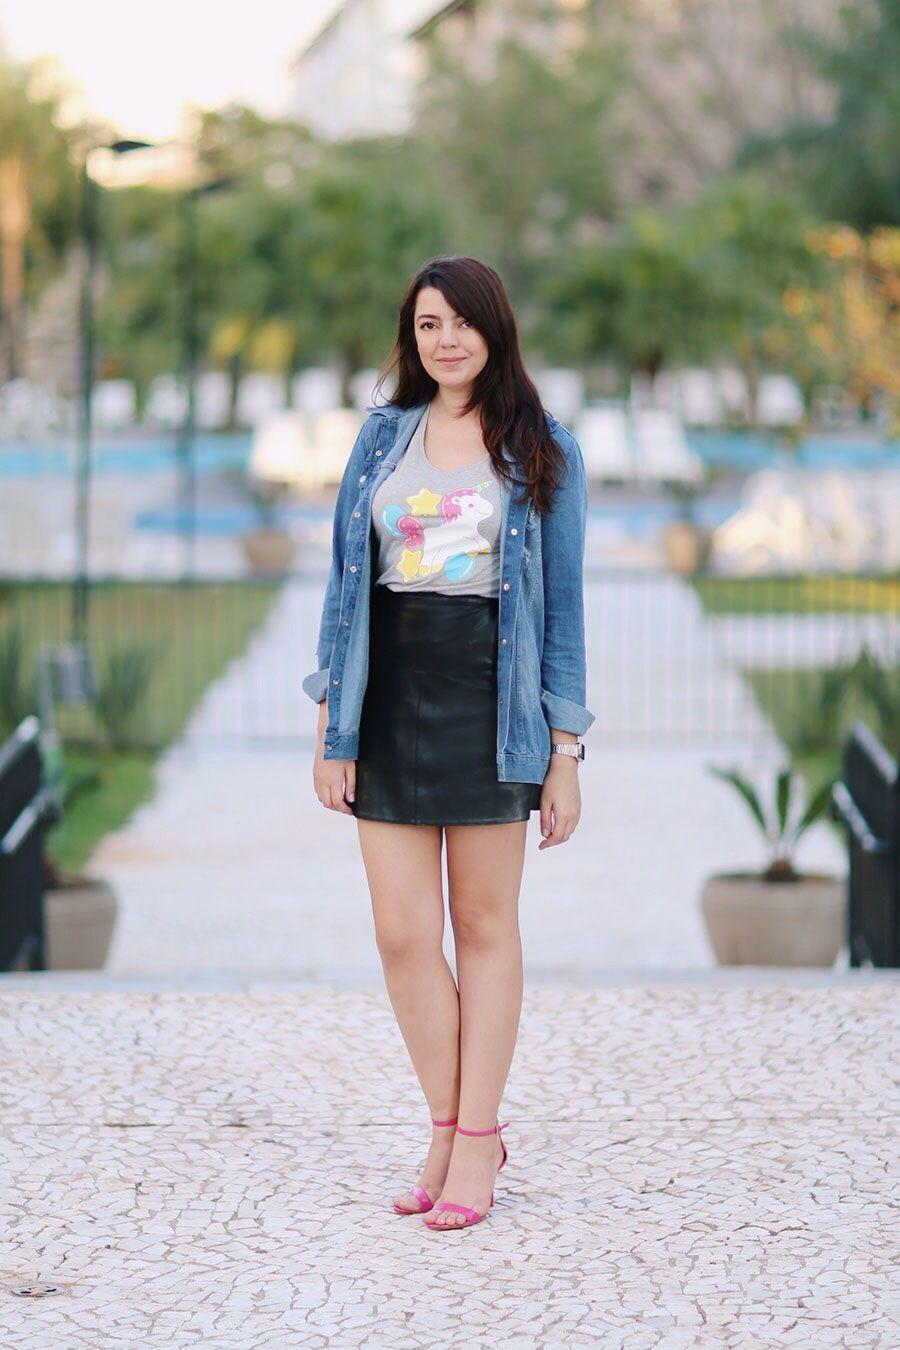 c1283f18a Look do dia: Camiseta de unicórnio | Pinterest | Primavera, Verão e ...